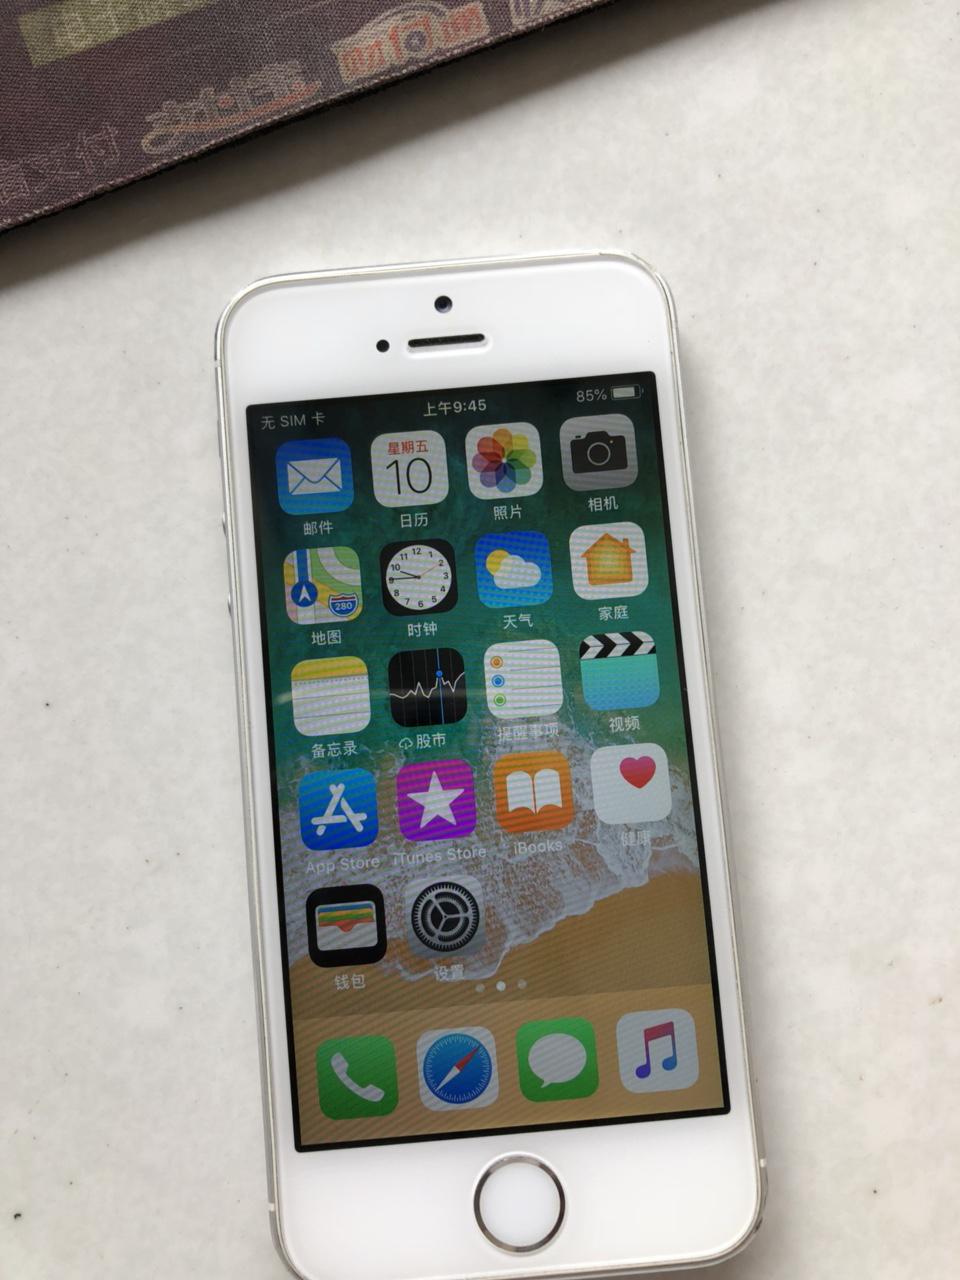 苹果5s银色 500块不议价 自用很爱惜的,无修,未拆机,未越狱,看上图检测报告!现在换手机了拿出来...